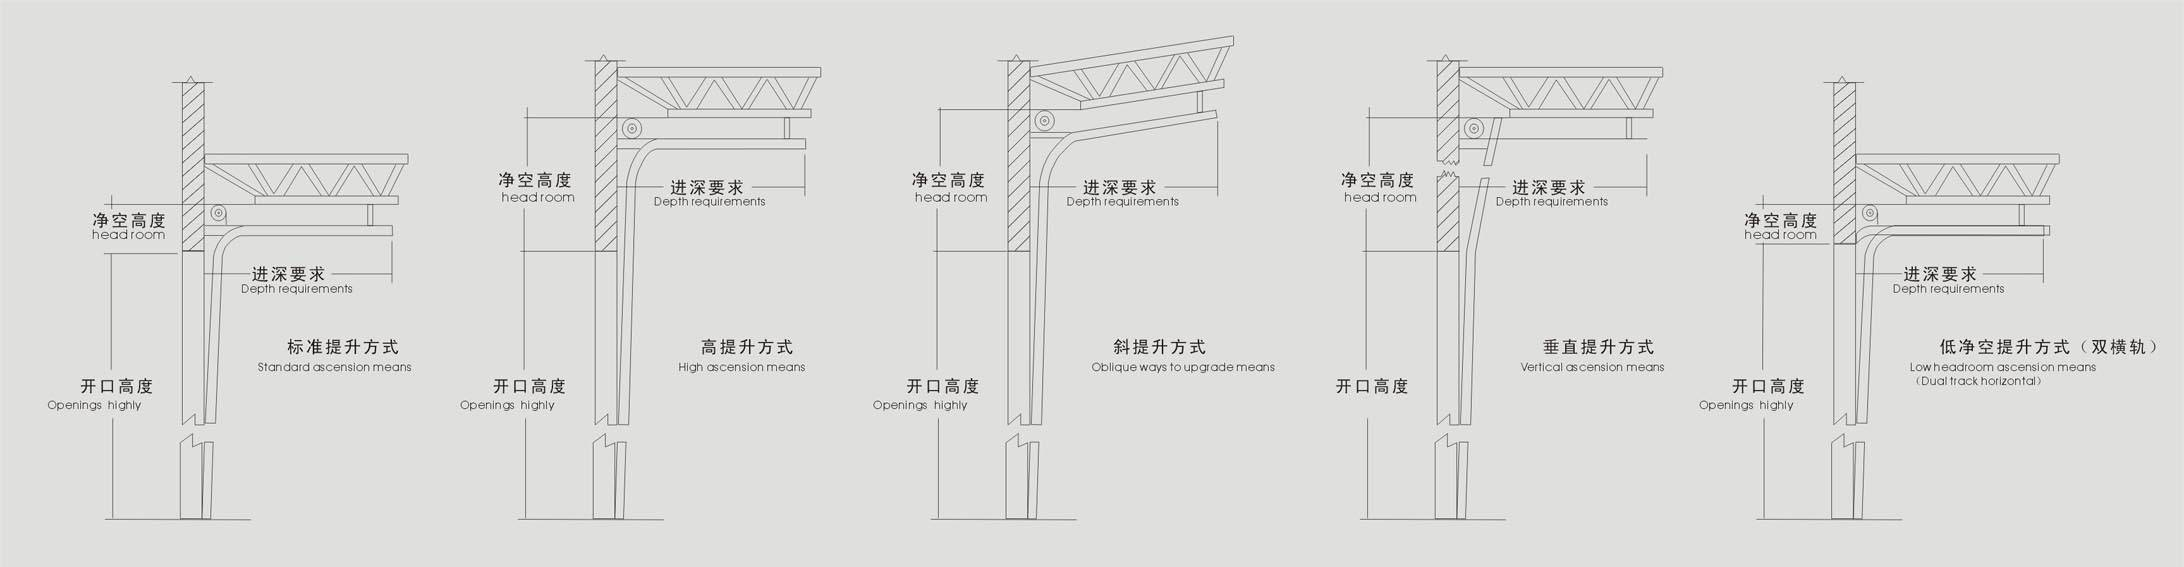 1.5米布衣柜组装图